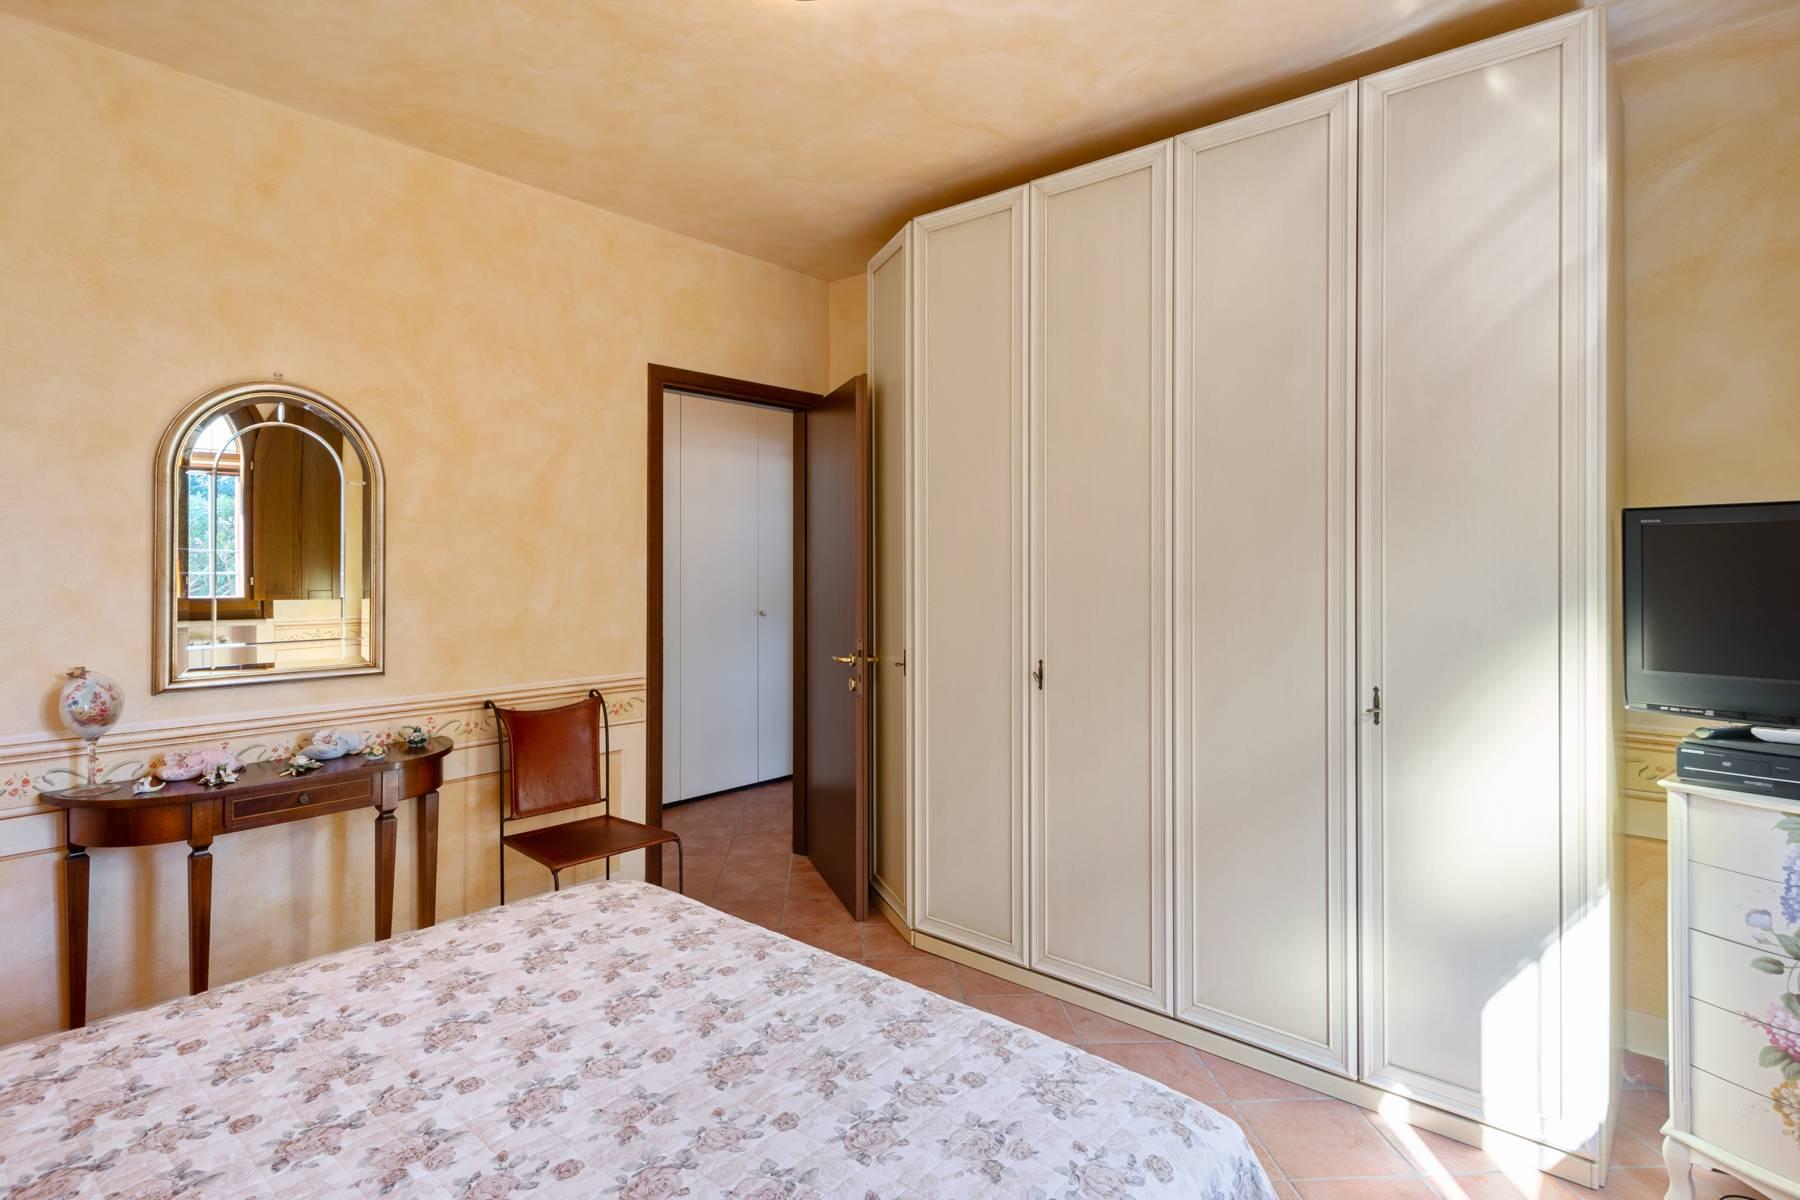 Casa indipendente in Vendita a Toscolano-Maderno: 4 locali, 76 mq - Foto 13